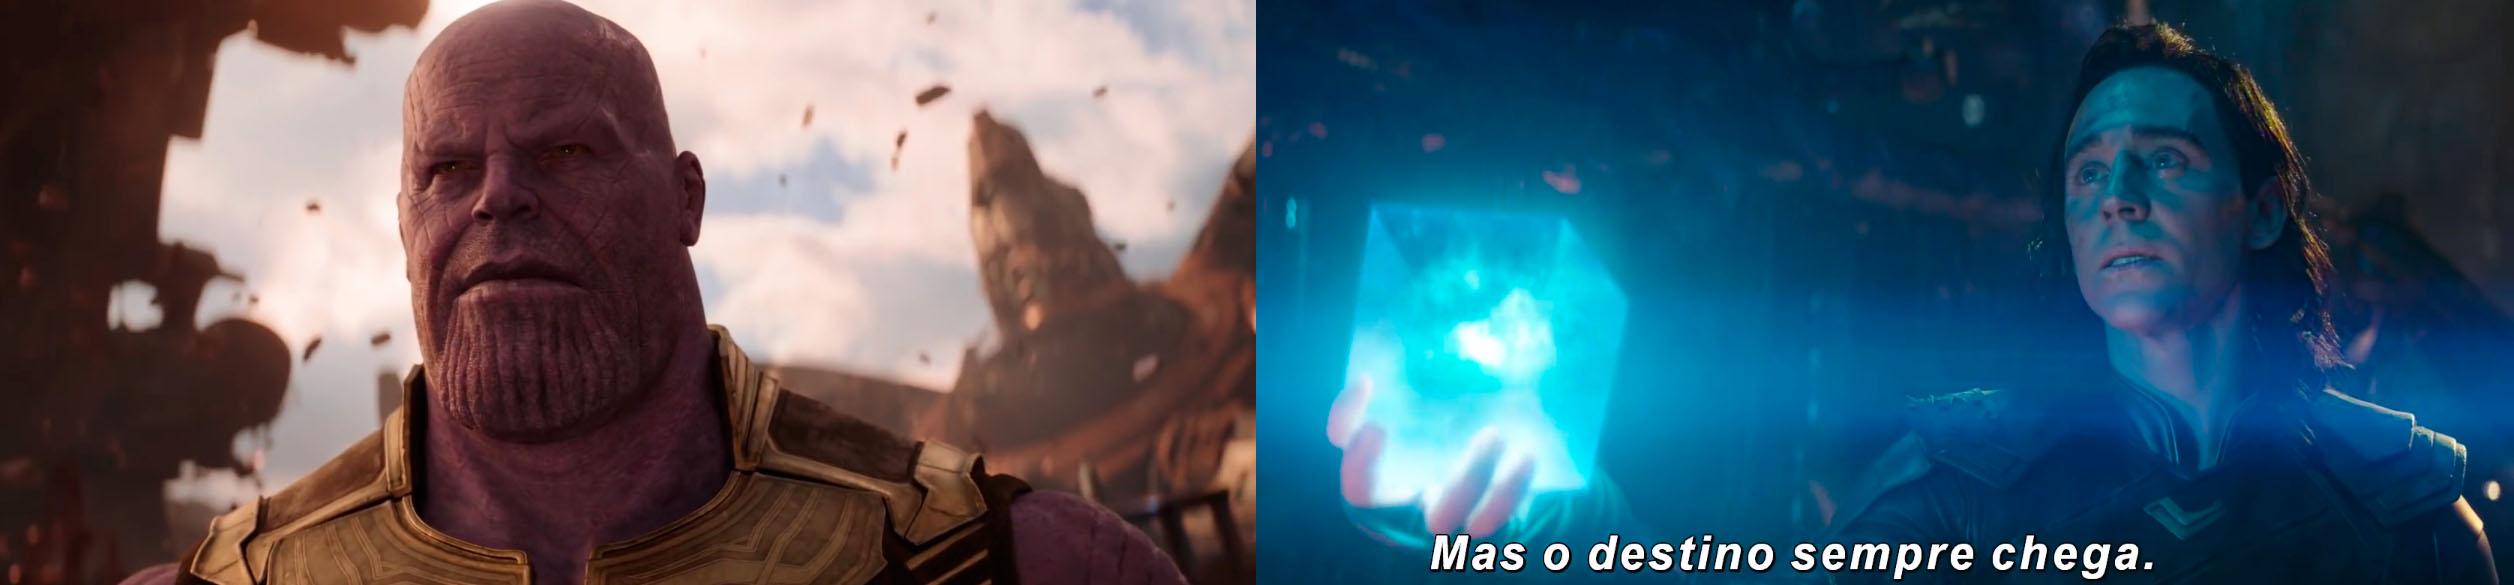 Vingadores: Guerra Infinita Thanos e Loki